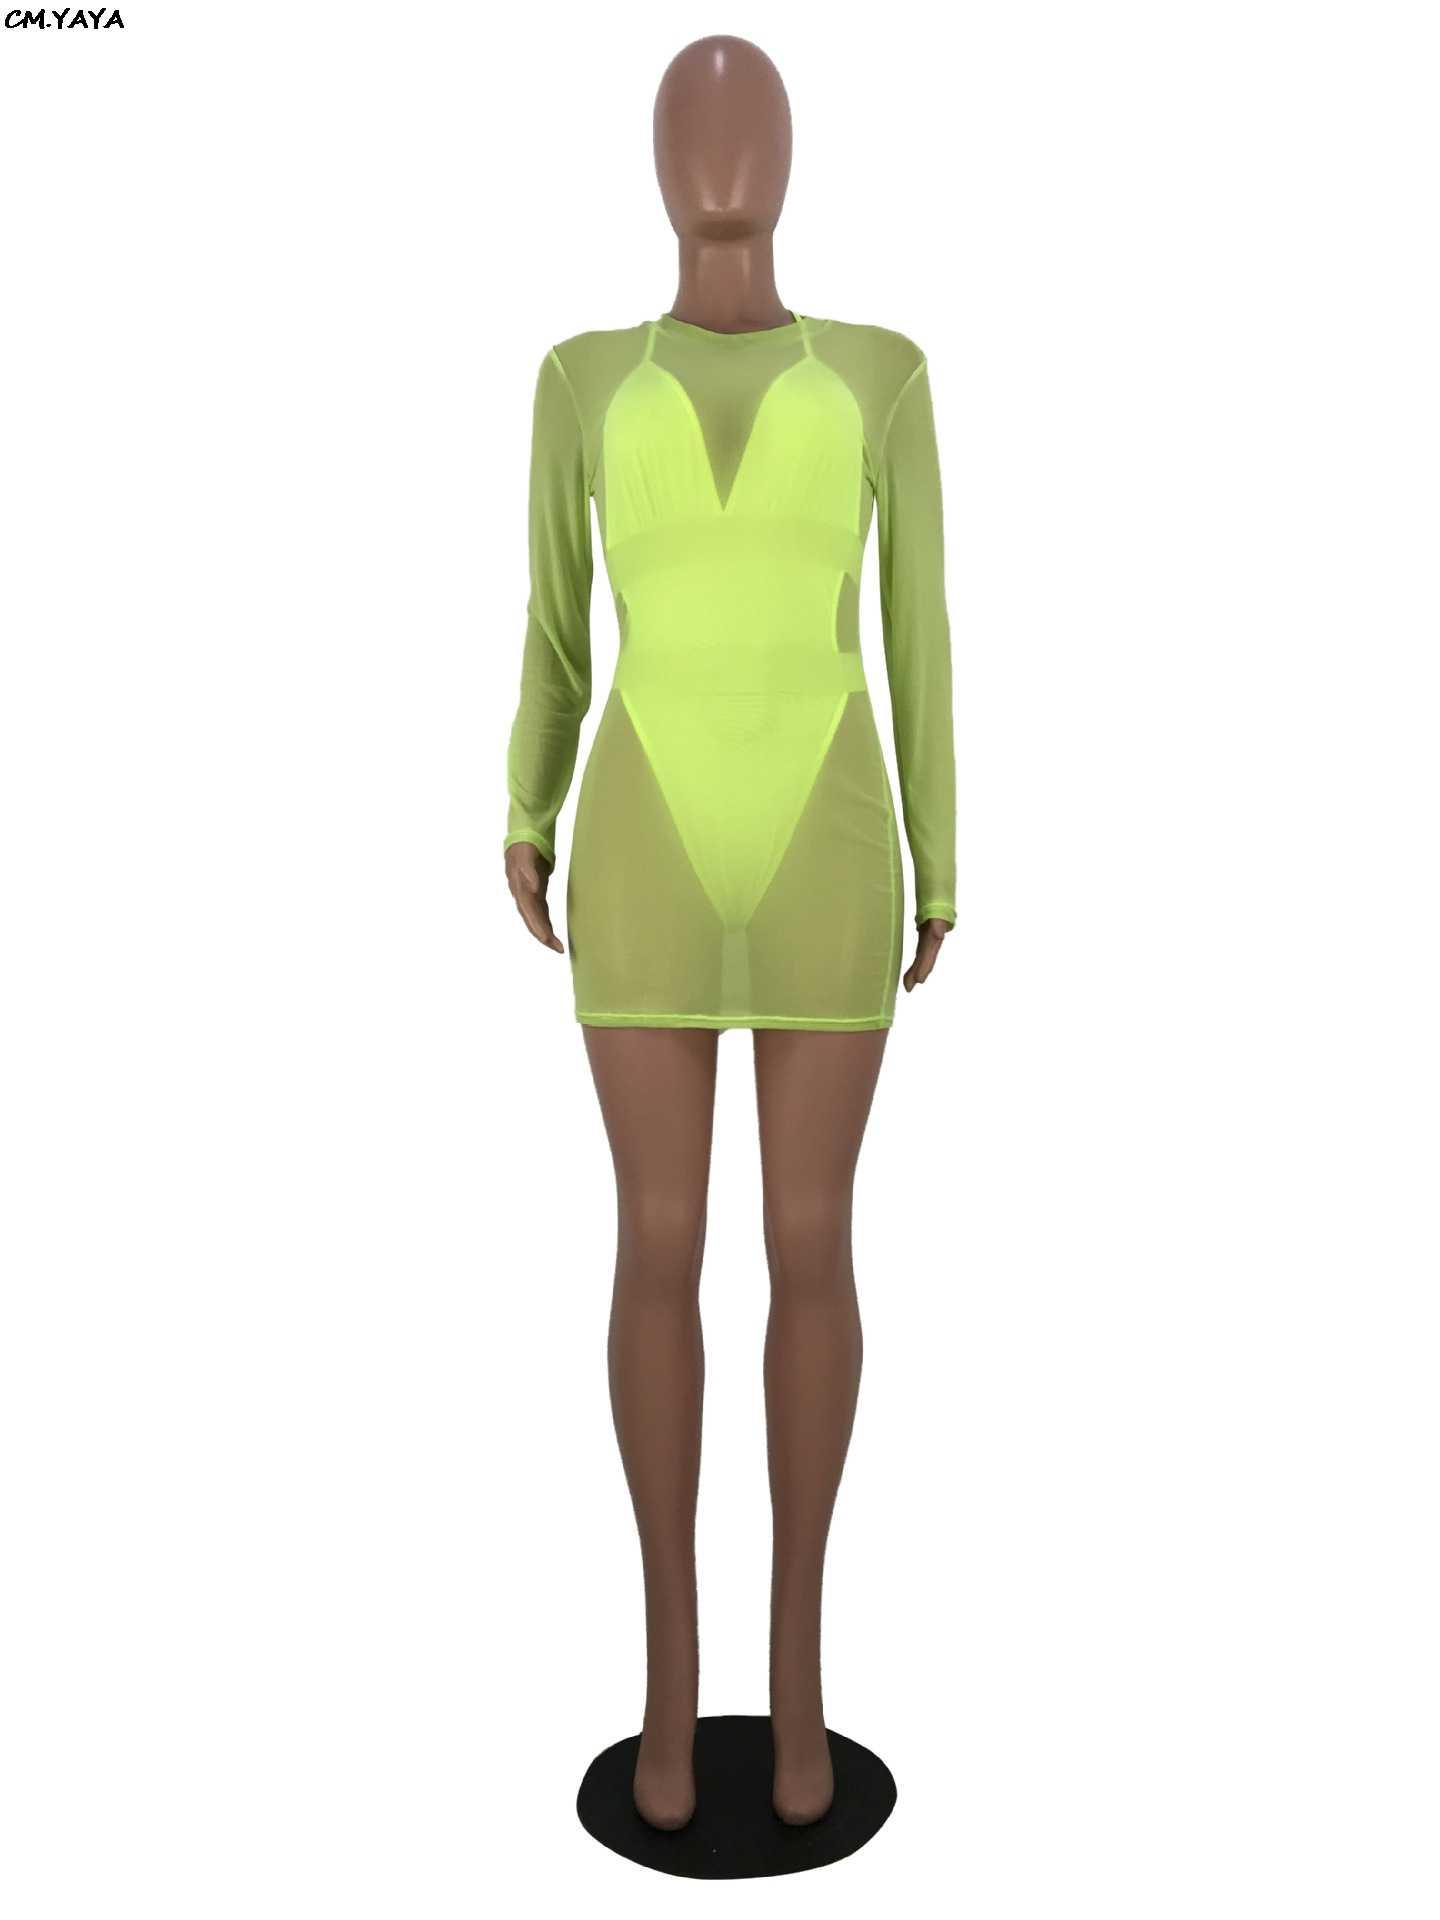 2019 נשים חדשות קיץ o-צוואר mesh לראות אף מיני midi שמלה & ספגטי רצועת v-צוואר בגד גוף שני חתיכה סט אימונית ZH5096